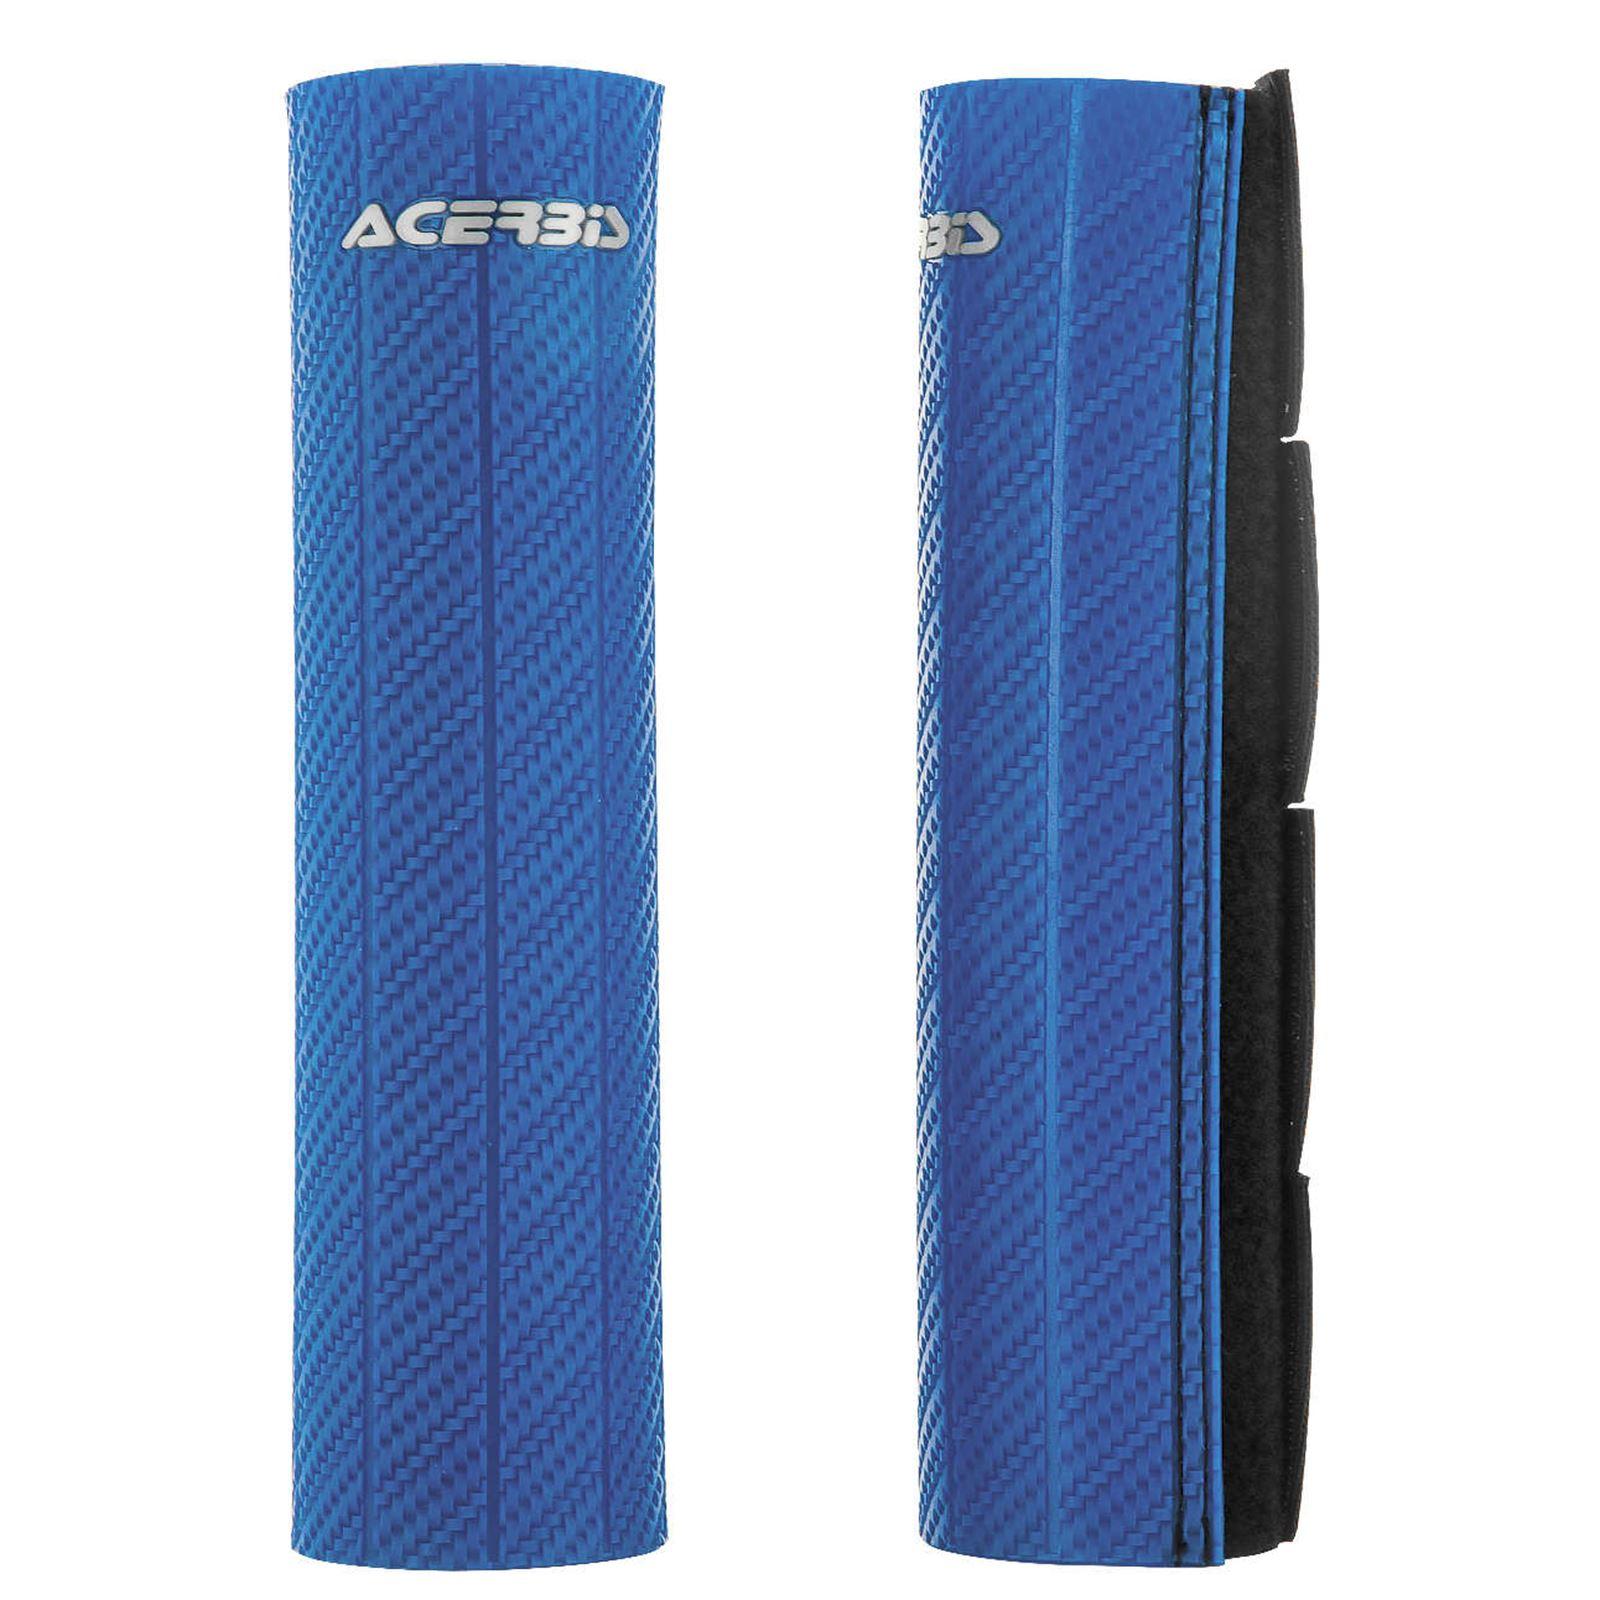 Acerbis Upper Fork Cover